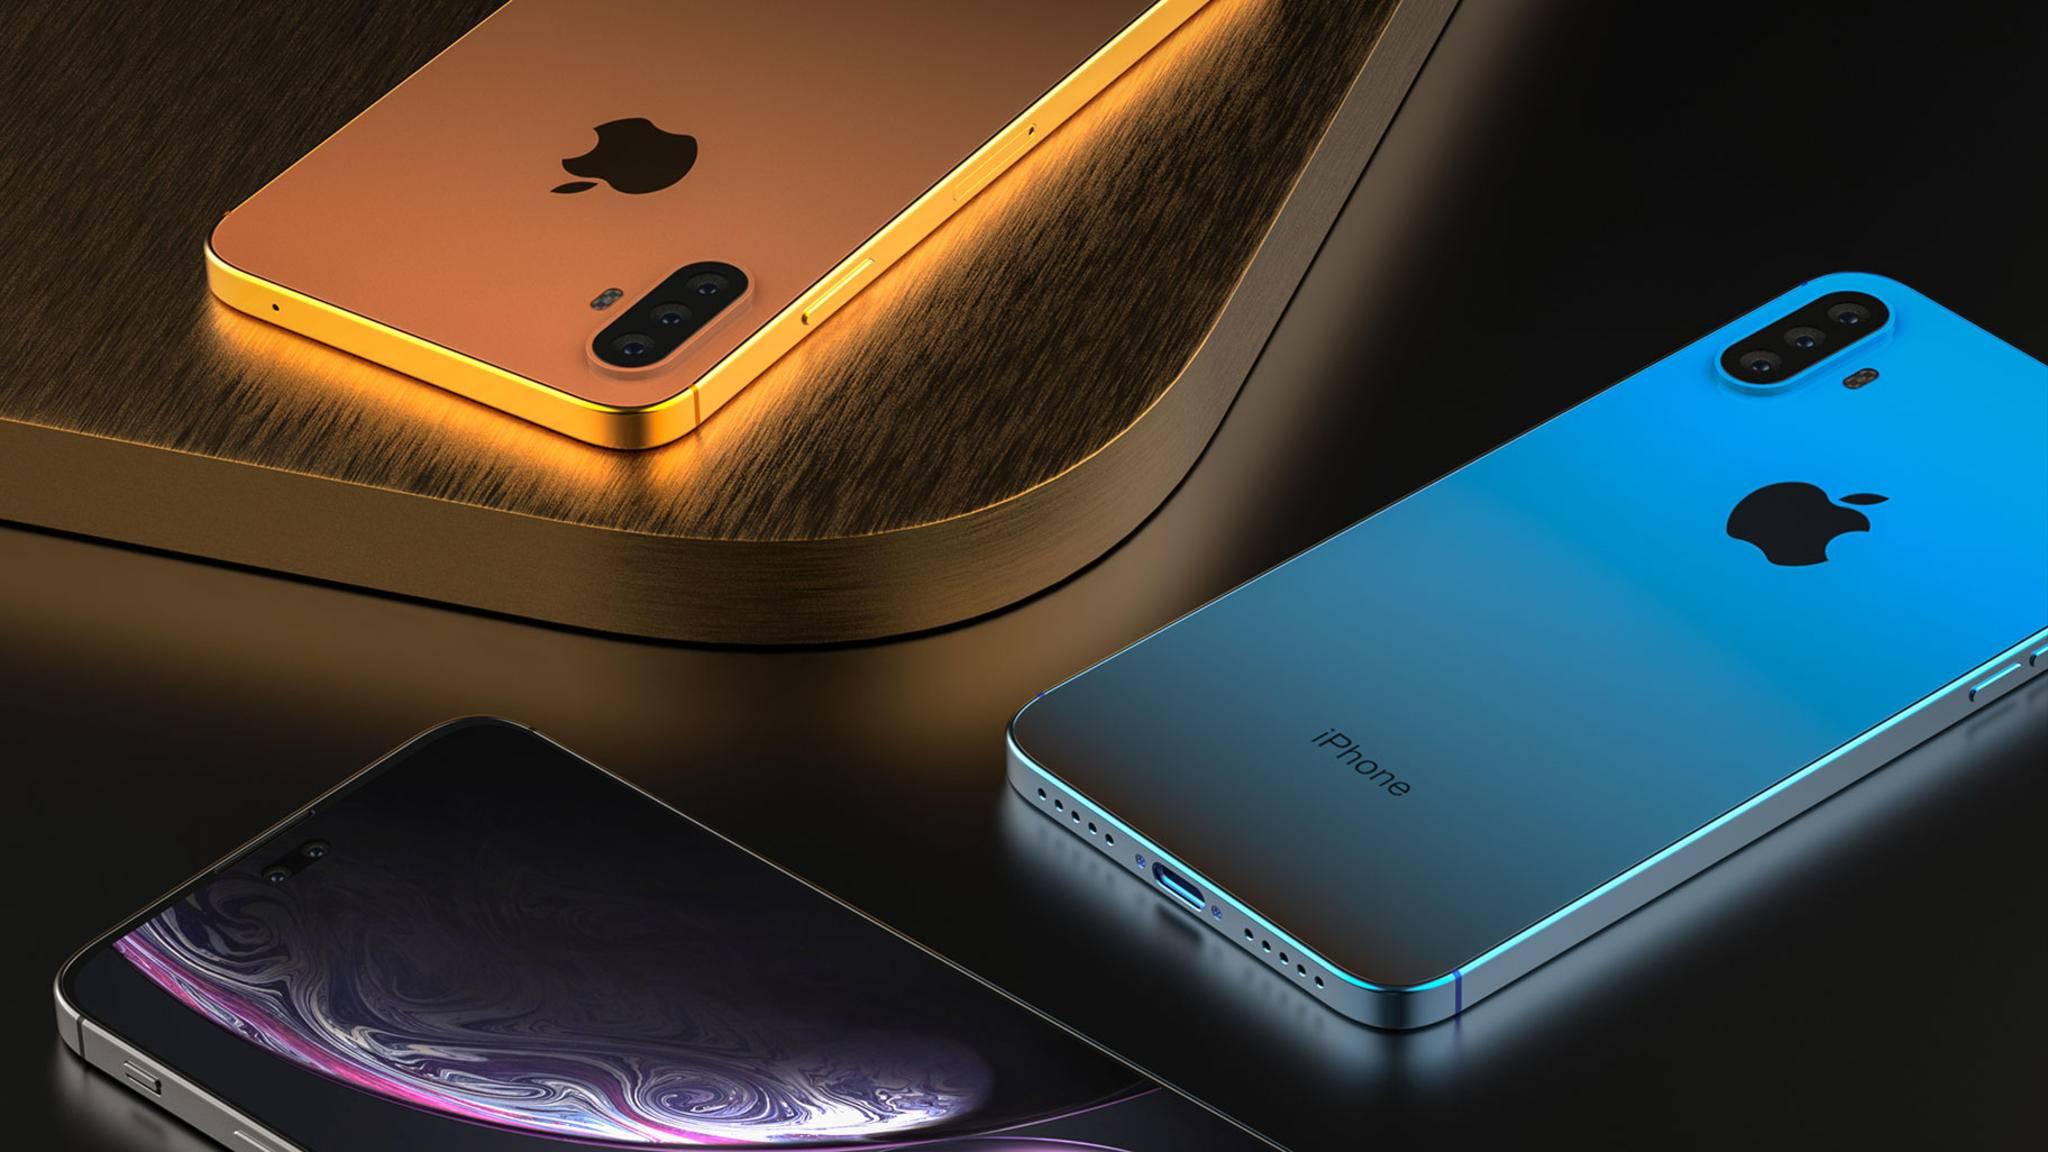 Das iPhone 2019 könnte das erste Apple-Smartphone werden, dem direkt ein USB-C-Netzteil beiliegt.